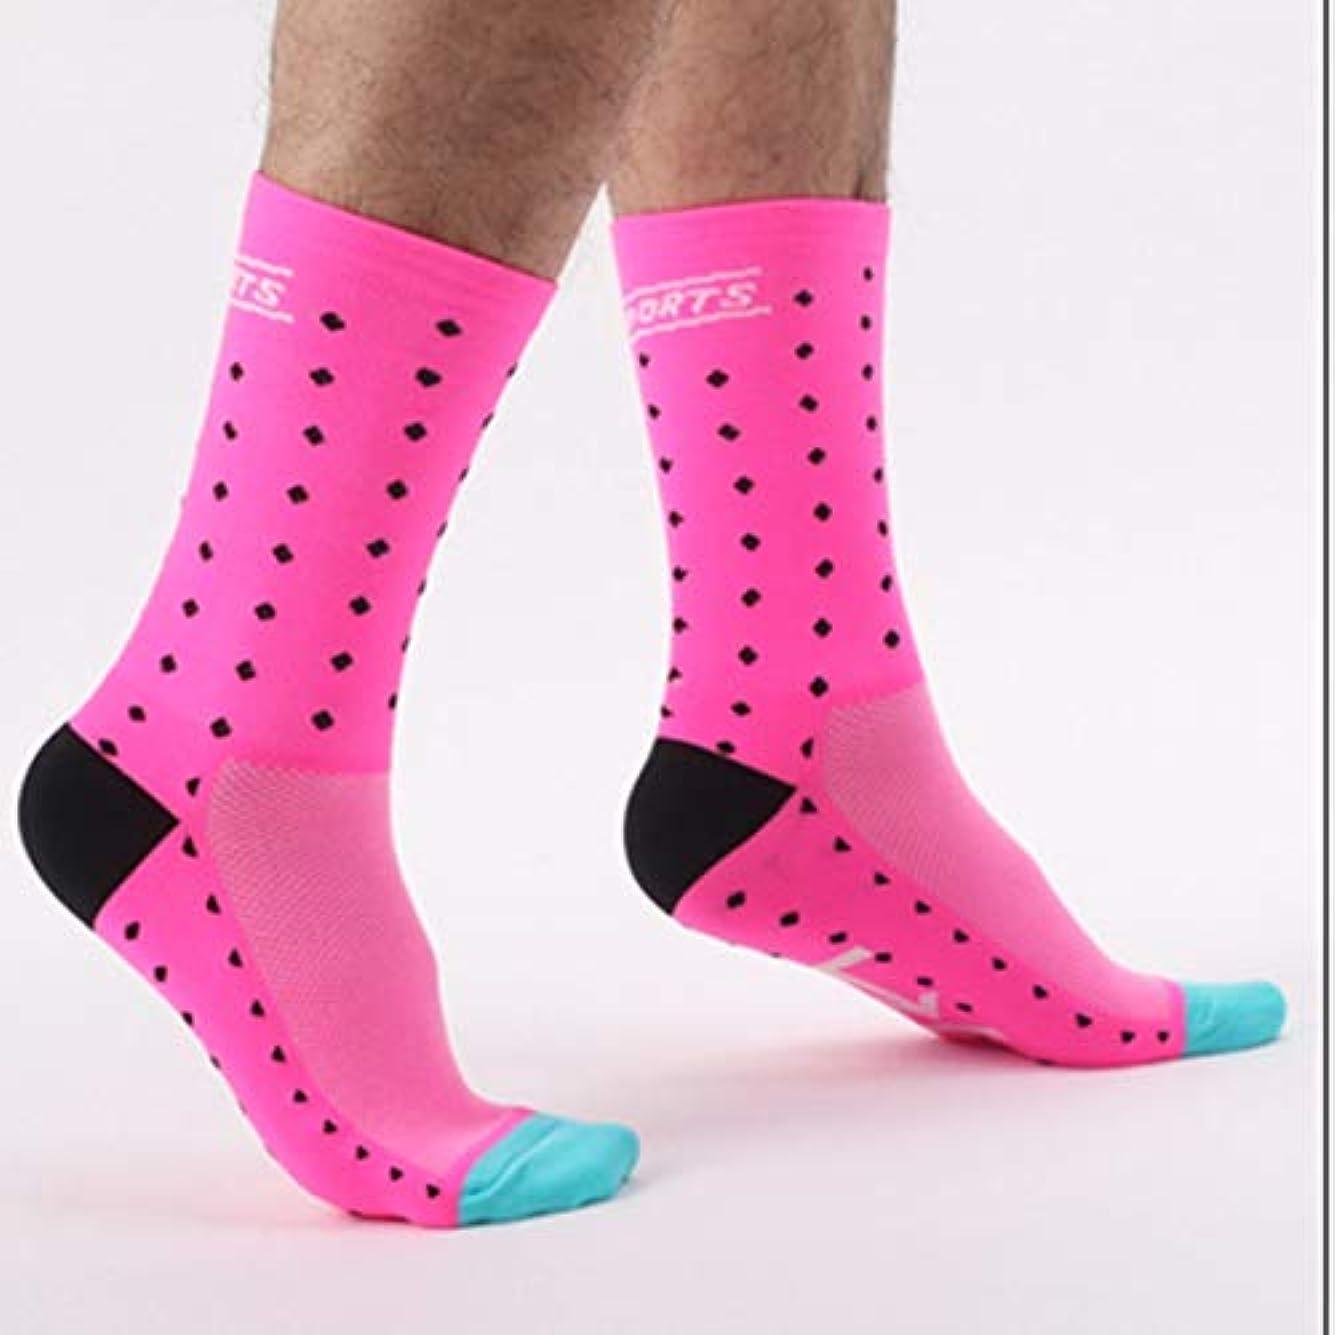 立証するマングル文献DH04快適なファッショナブルな屋外サイクリングソックス男性女性プロの通気性スポーツソックスバスケットボールソックス - ピンク